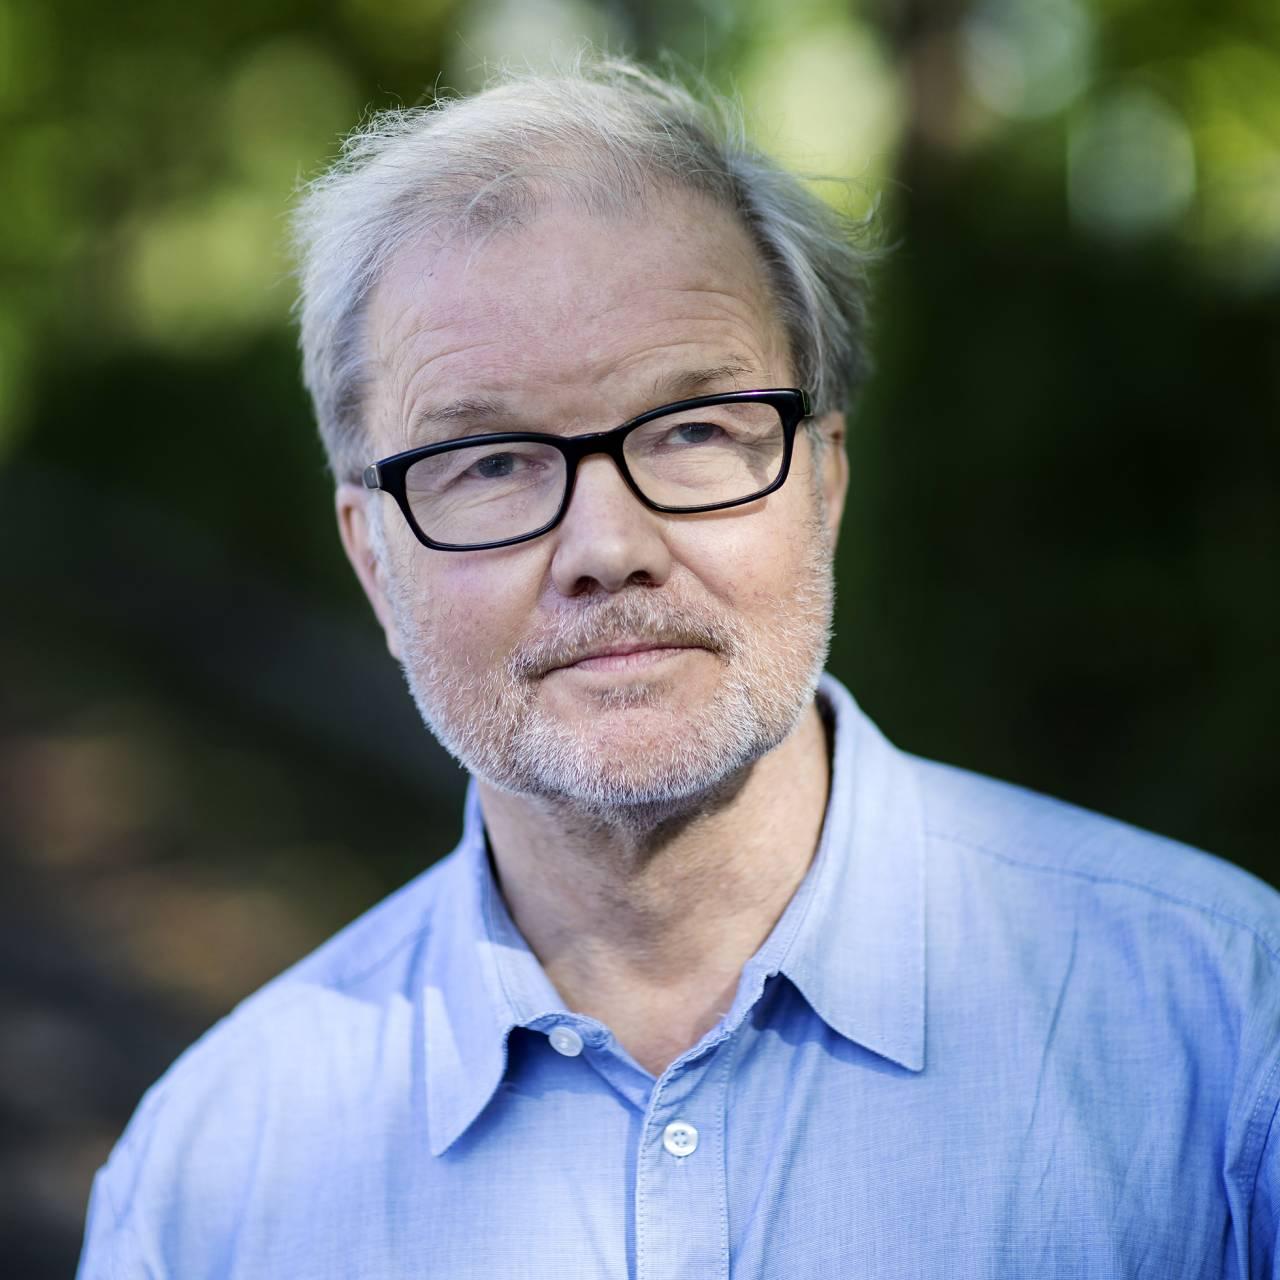 Porträtt av Ingmar Skoog, professor i psykiatri.